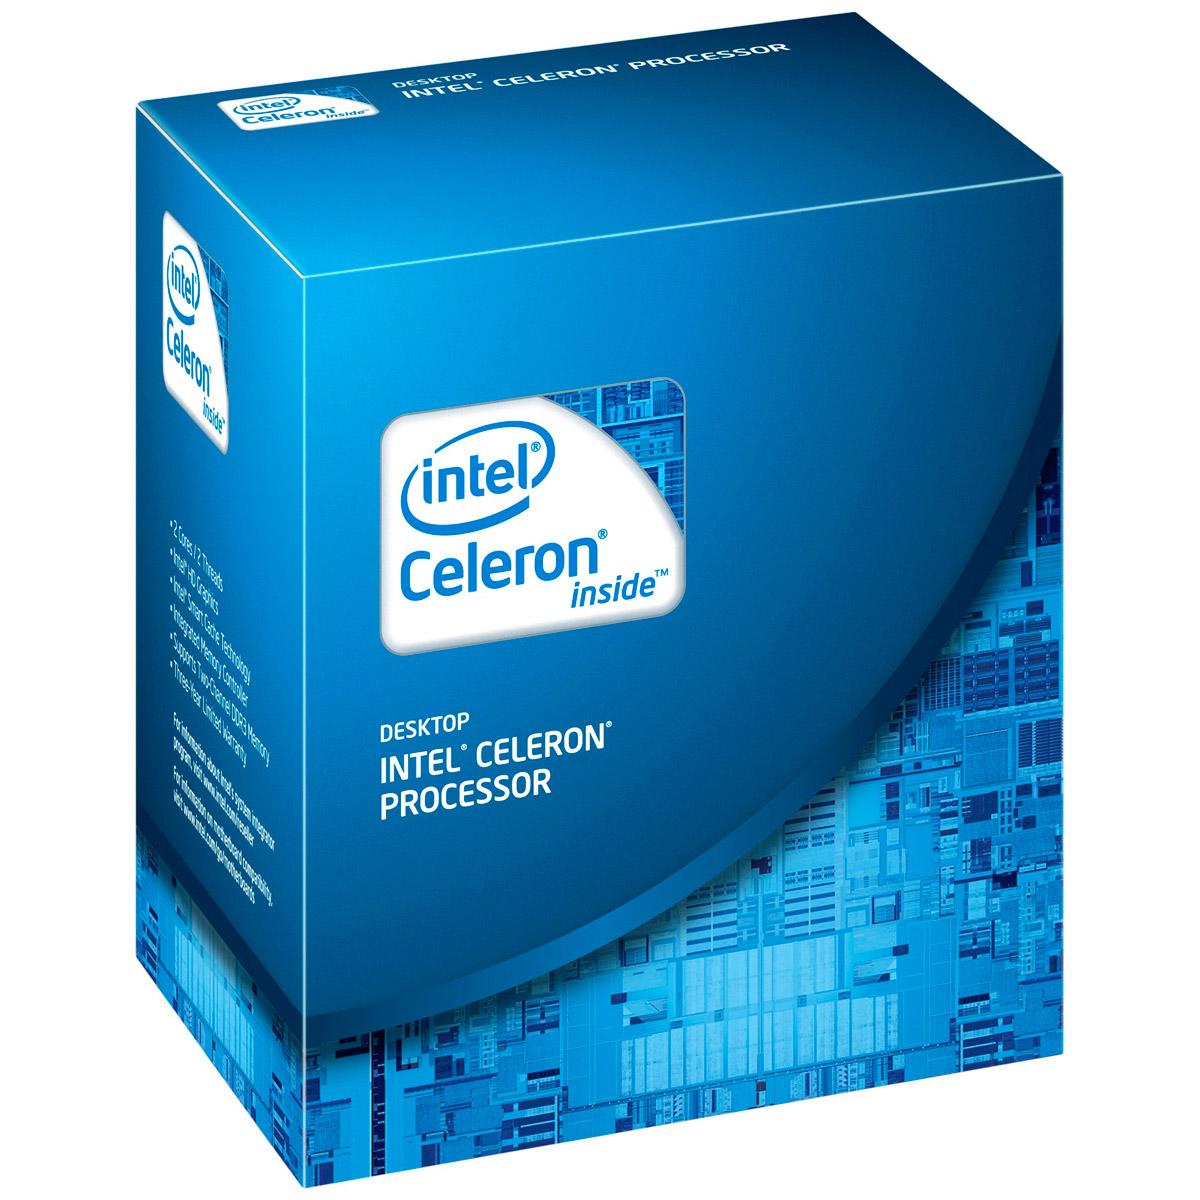 Processeur Intel Celeron G1620 (2.7 GHz) Processeur Dual Core 2.7 GHz Socket 1155 Cache L3 2 Mo Intel HD Graphics 0.022 micron (version boîte - garantie Intel 3 ans)